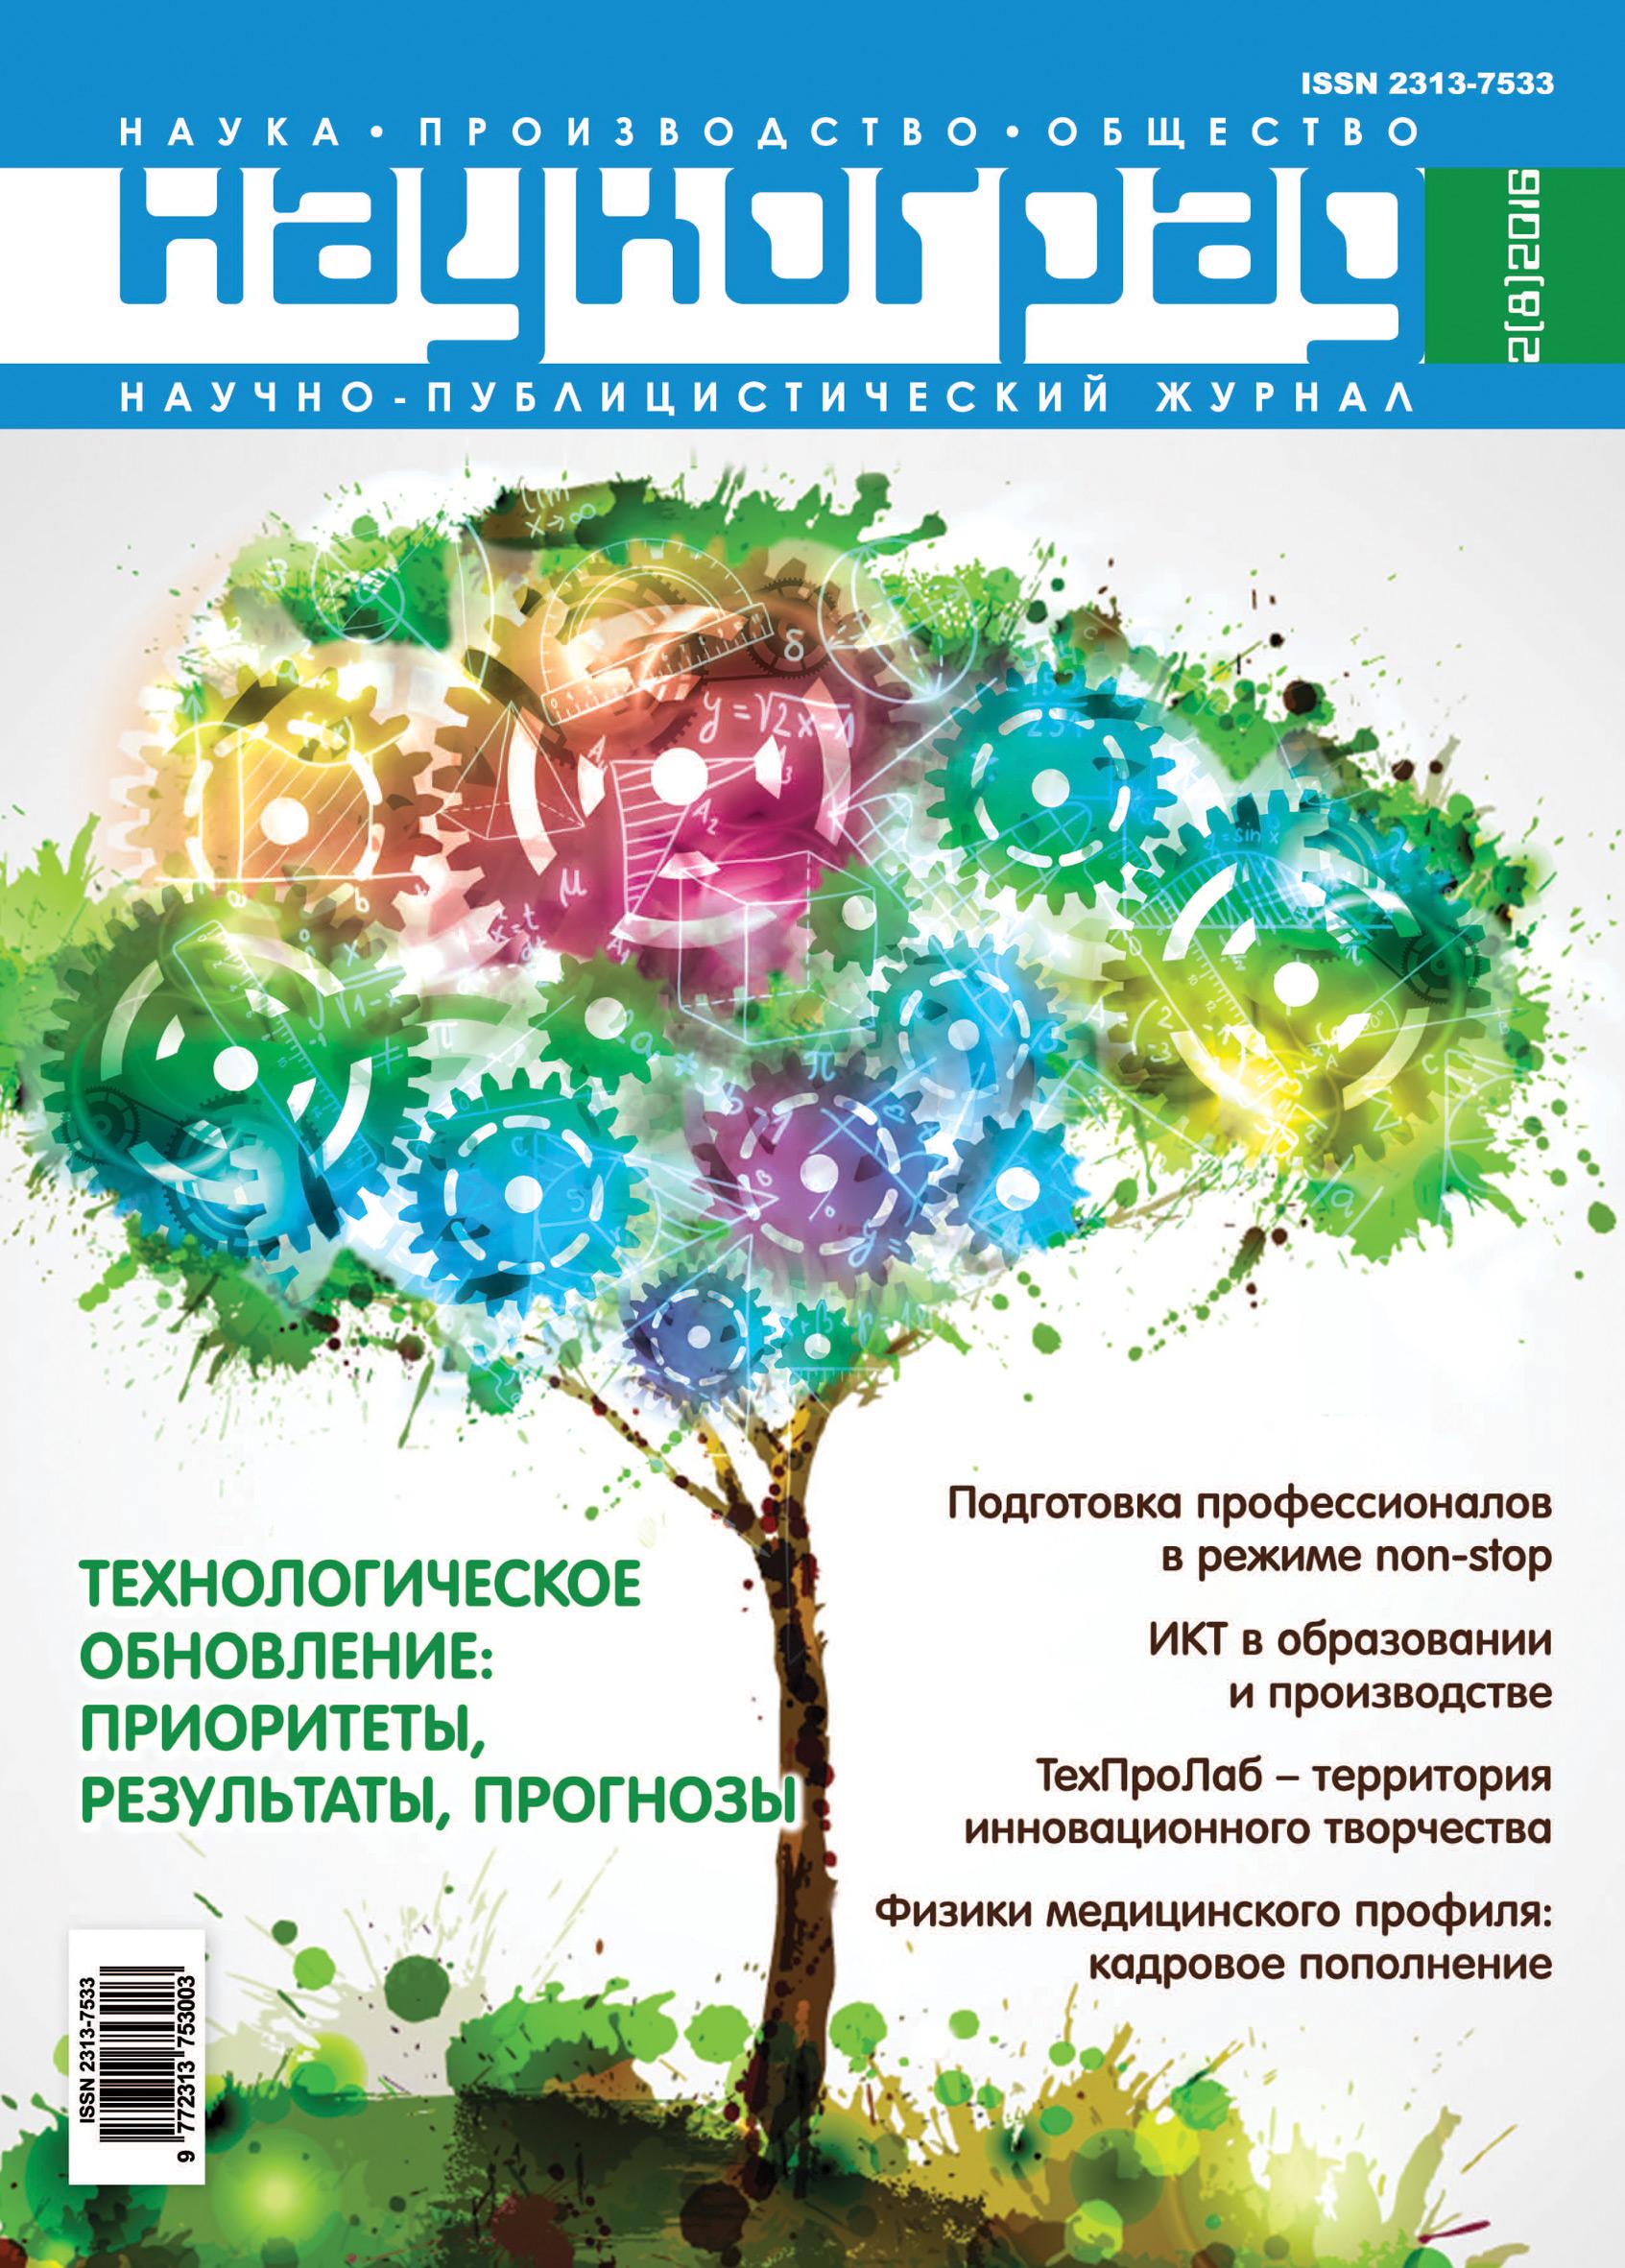 Отсутствует Наукоград: наука, производство и общество №2/2016